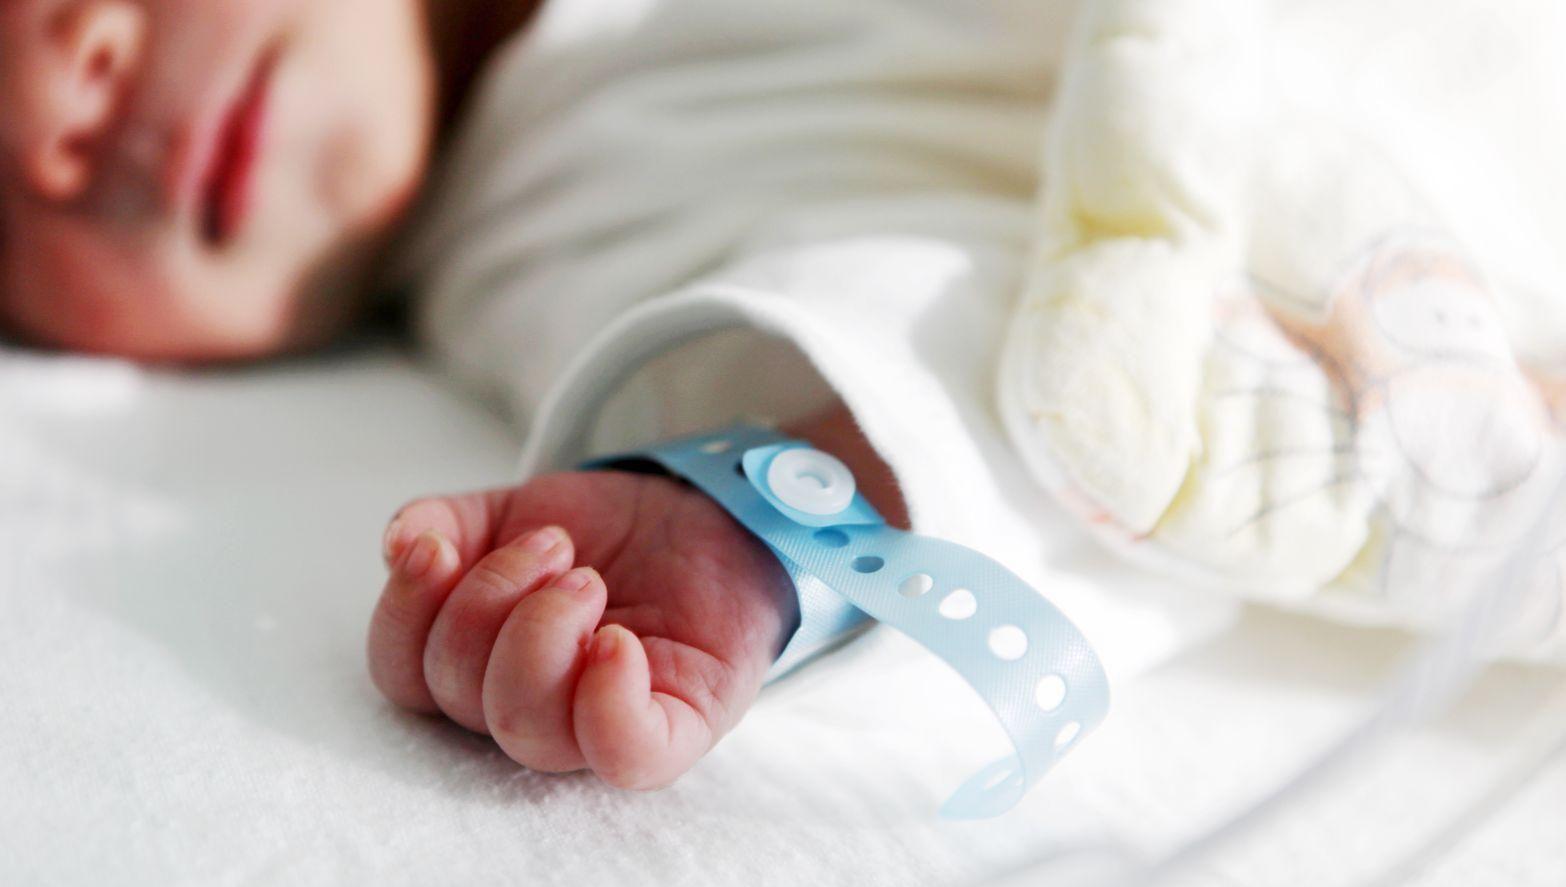 Померла новонароджена дитина, яку знайшли в поліетилені на Херсонщині, –  ЗМІ - Новини Херсон - 24 Канал